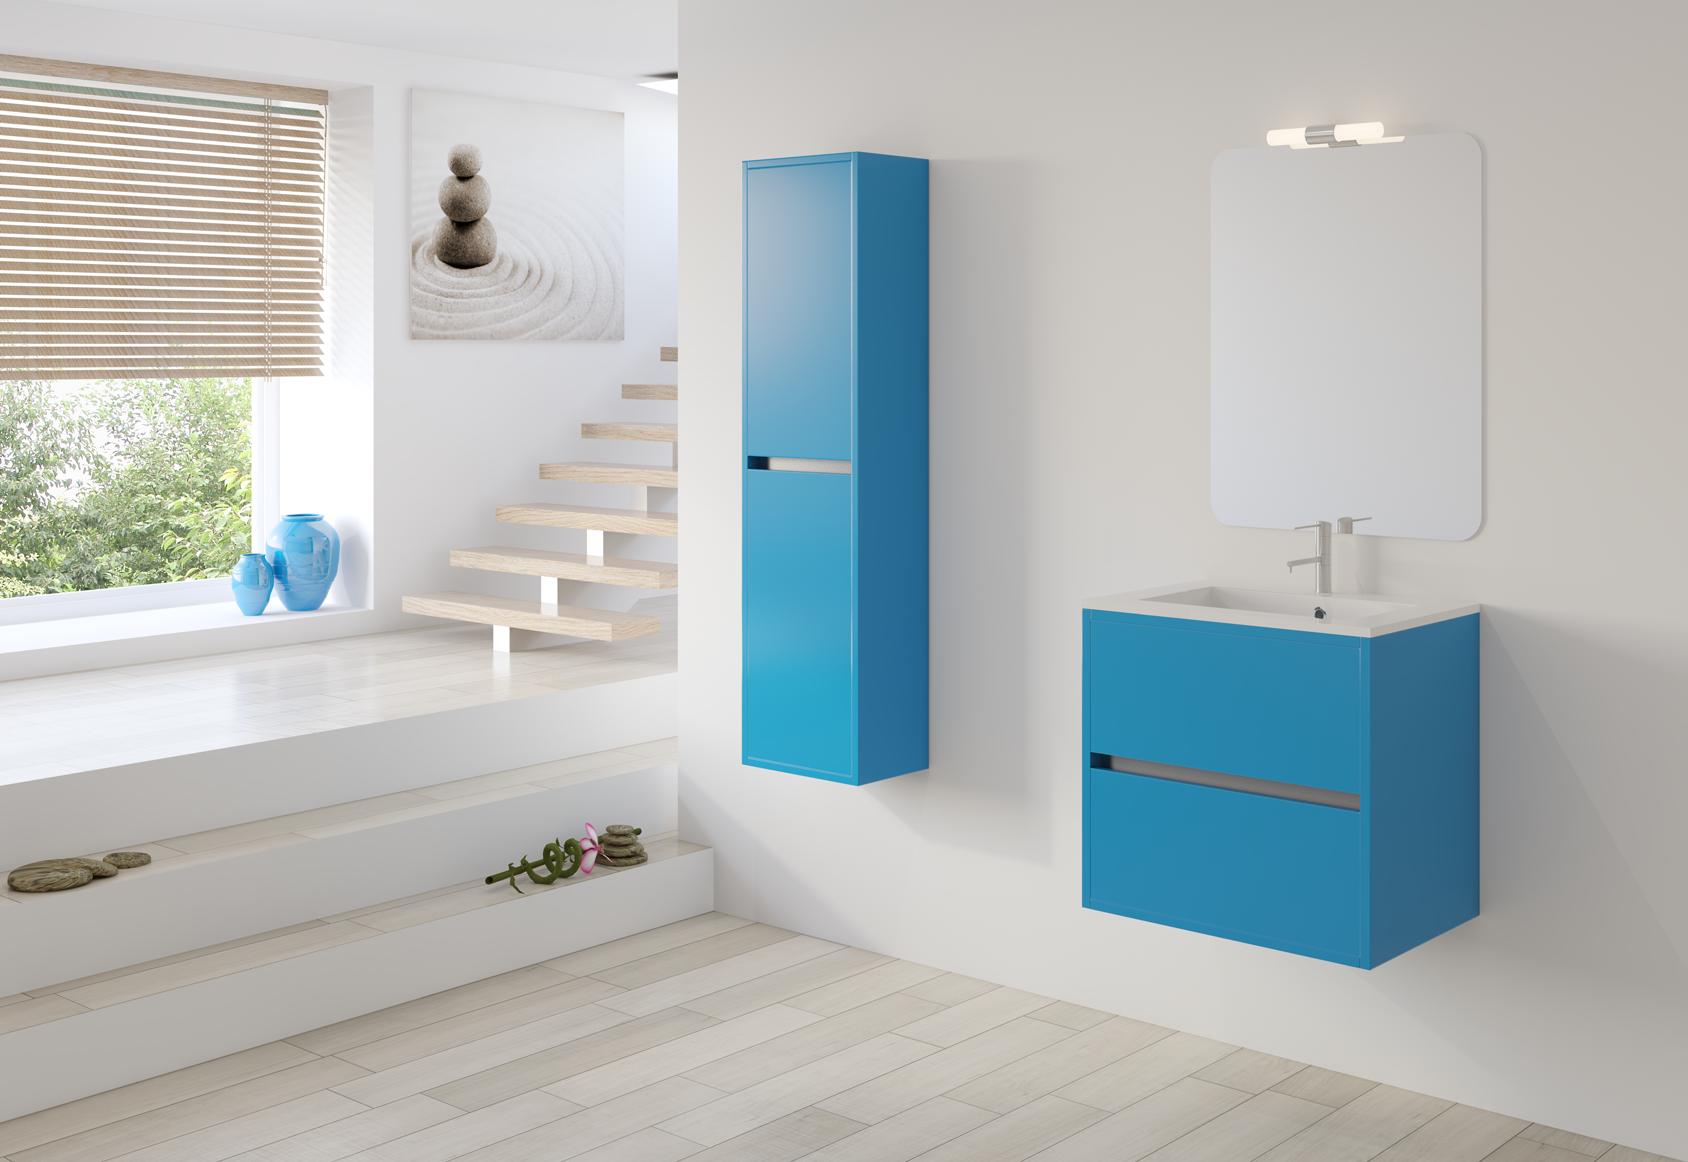 Mueble Baño Azul Turquesa:Baños a medida